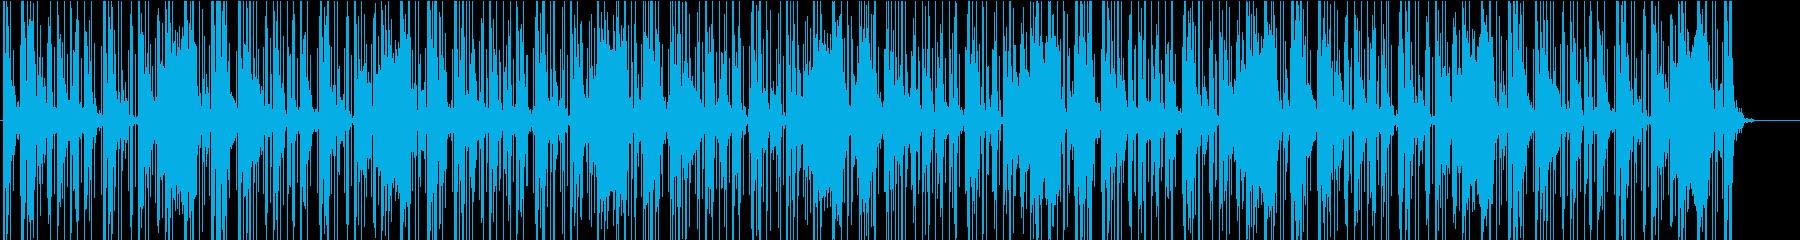 浮遊感のある、ゆったりしたダブの再生済みの波形